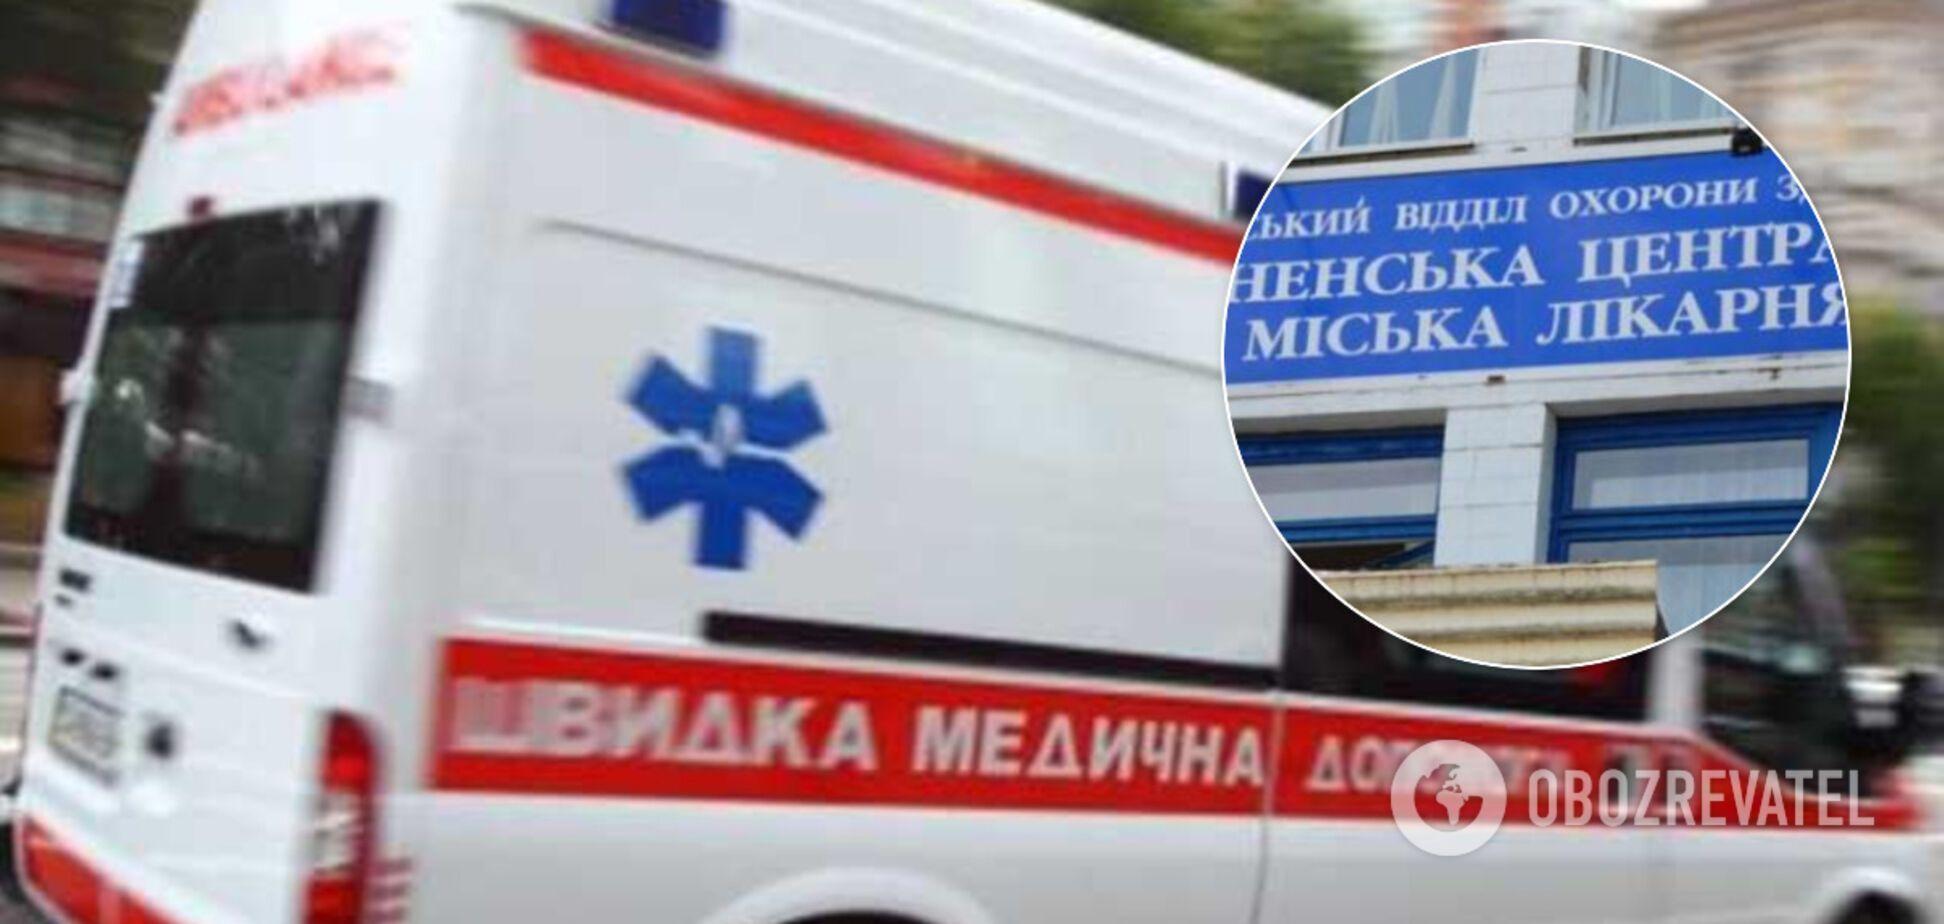 Отказались госпитализировать с температурой 42°: в Ривне умер мужчина с COVID-19. Эксклюзив